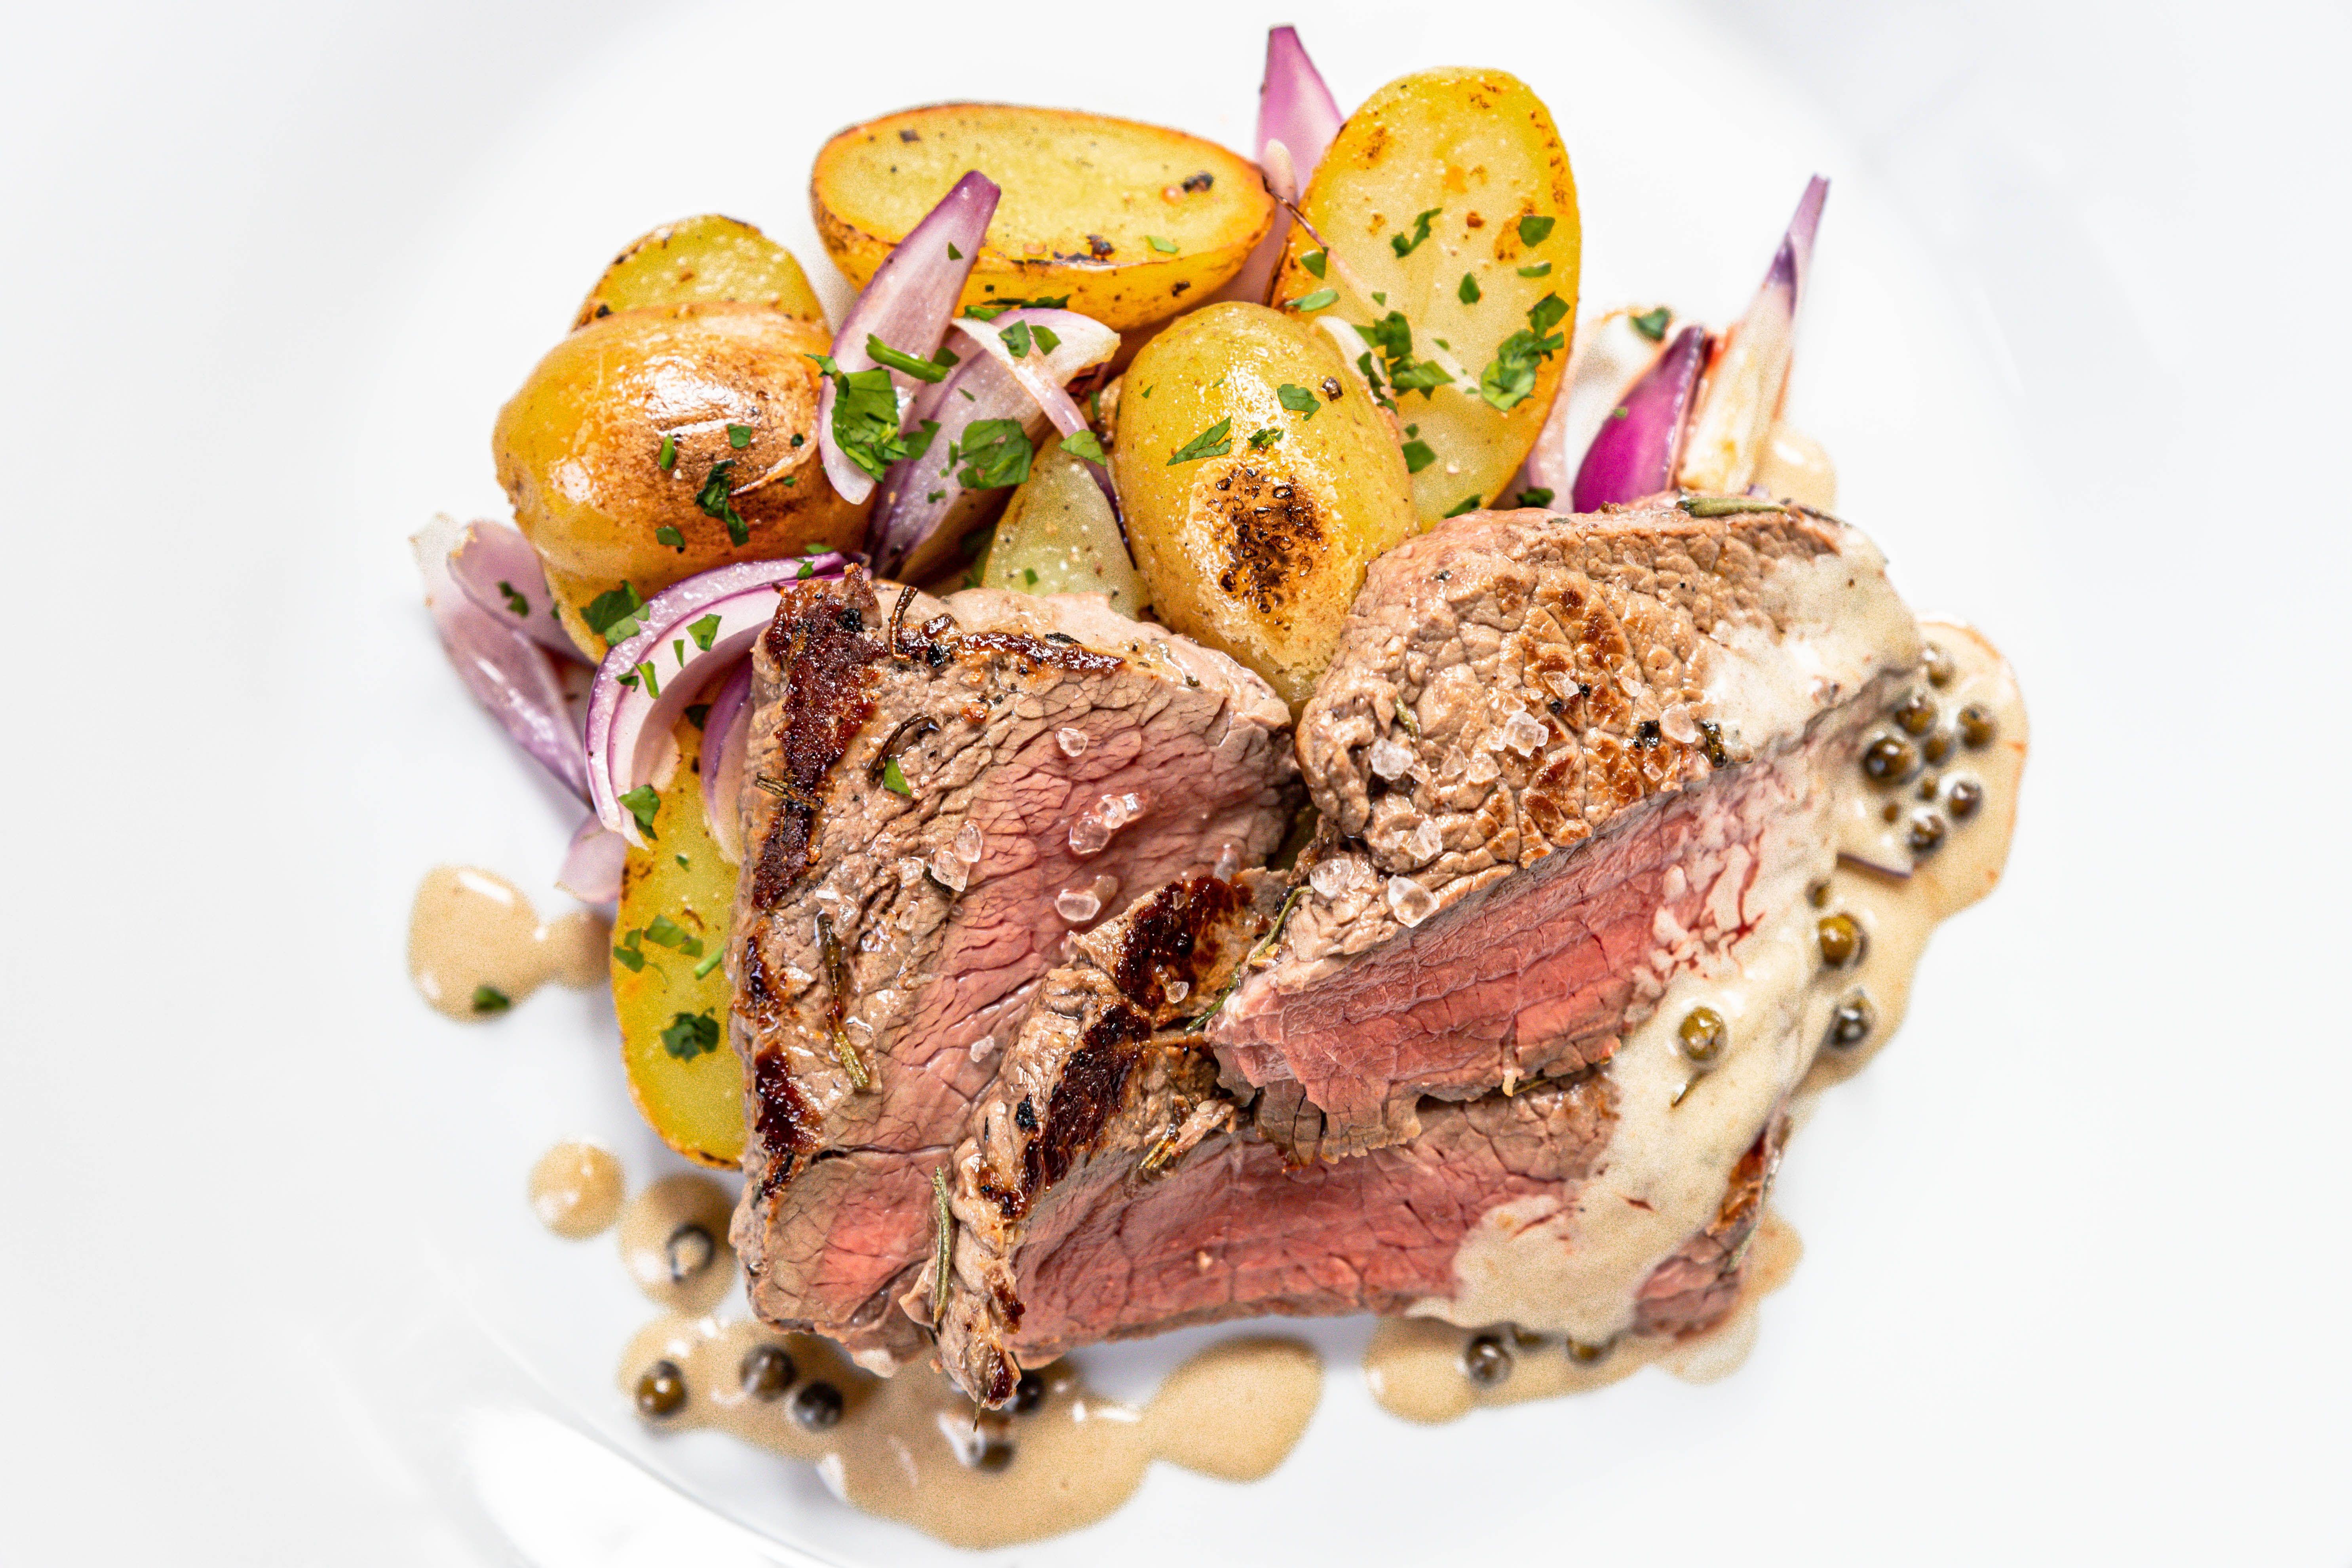 HOvězí filírovaný steak s pečenými raté bramborami a pepřovou omáčkou